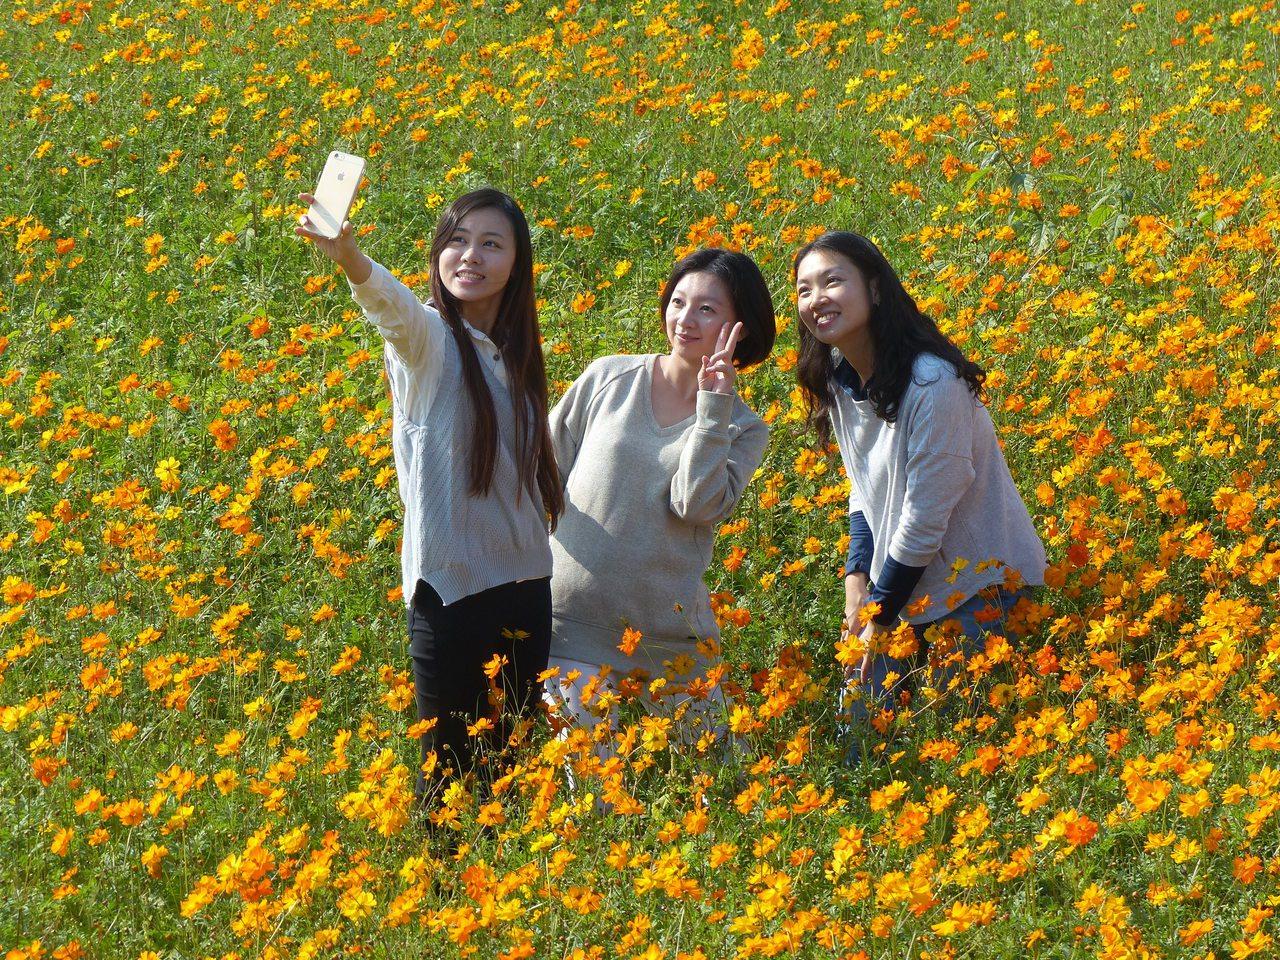 彰化縣花壇鄉三春老樹附近2.5公頃的波斯菊花田,花開繁盛,美不勝收,吸引許多民眾...